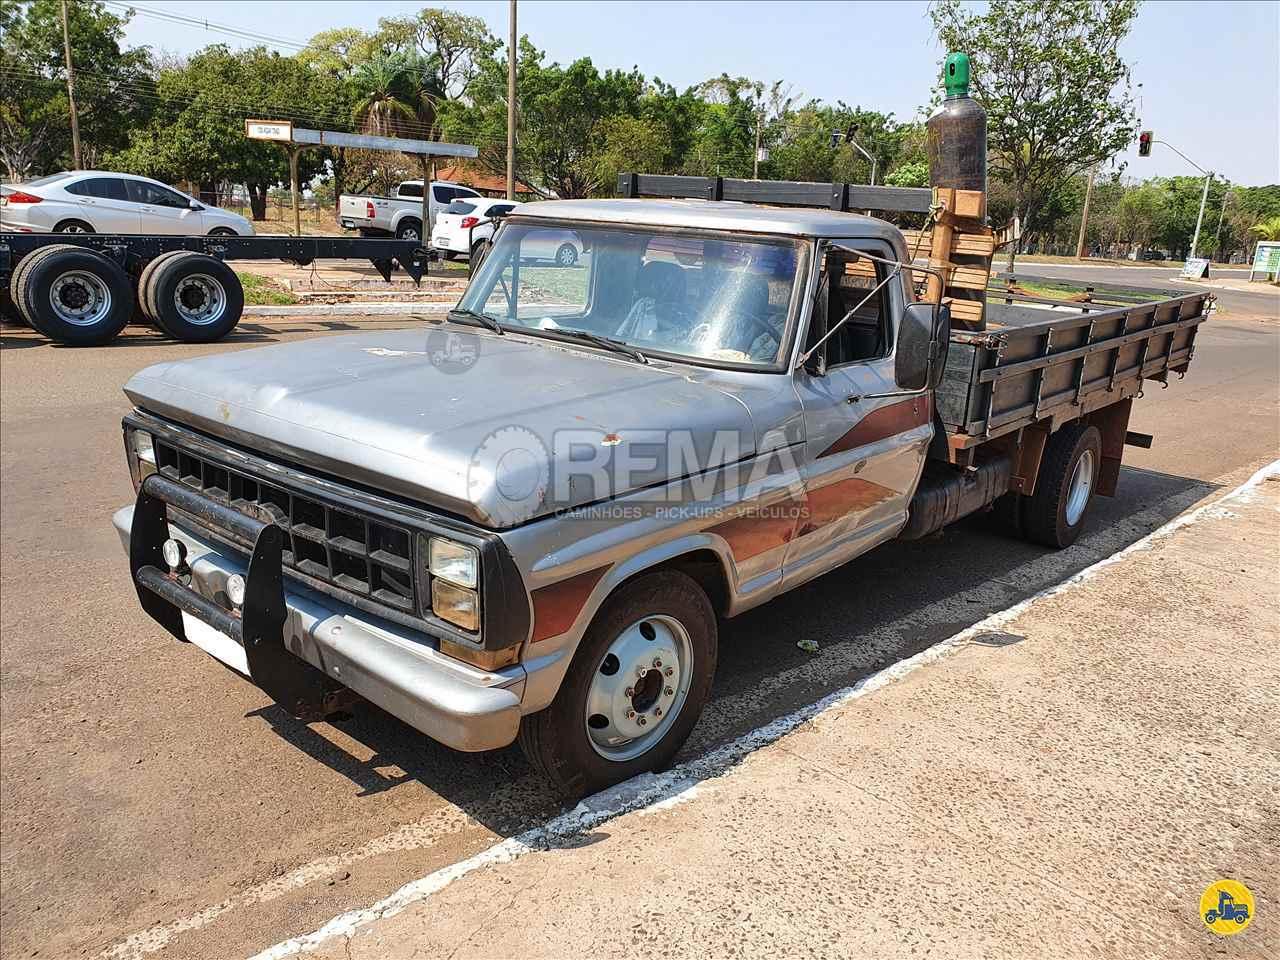 CAMINHAO FORD F4000 Carga Seca 3/4 4x2 Rema Caminhões - MS CAMPO GRANDE MATO GROSSO DO SUL MS